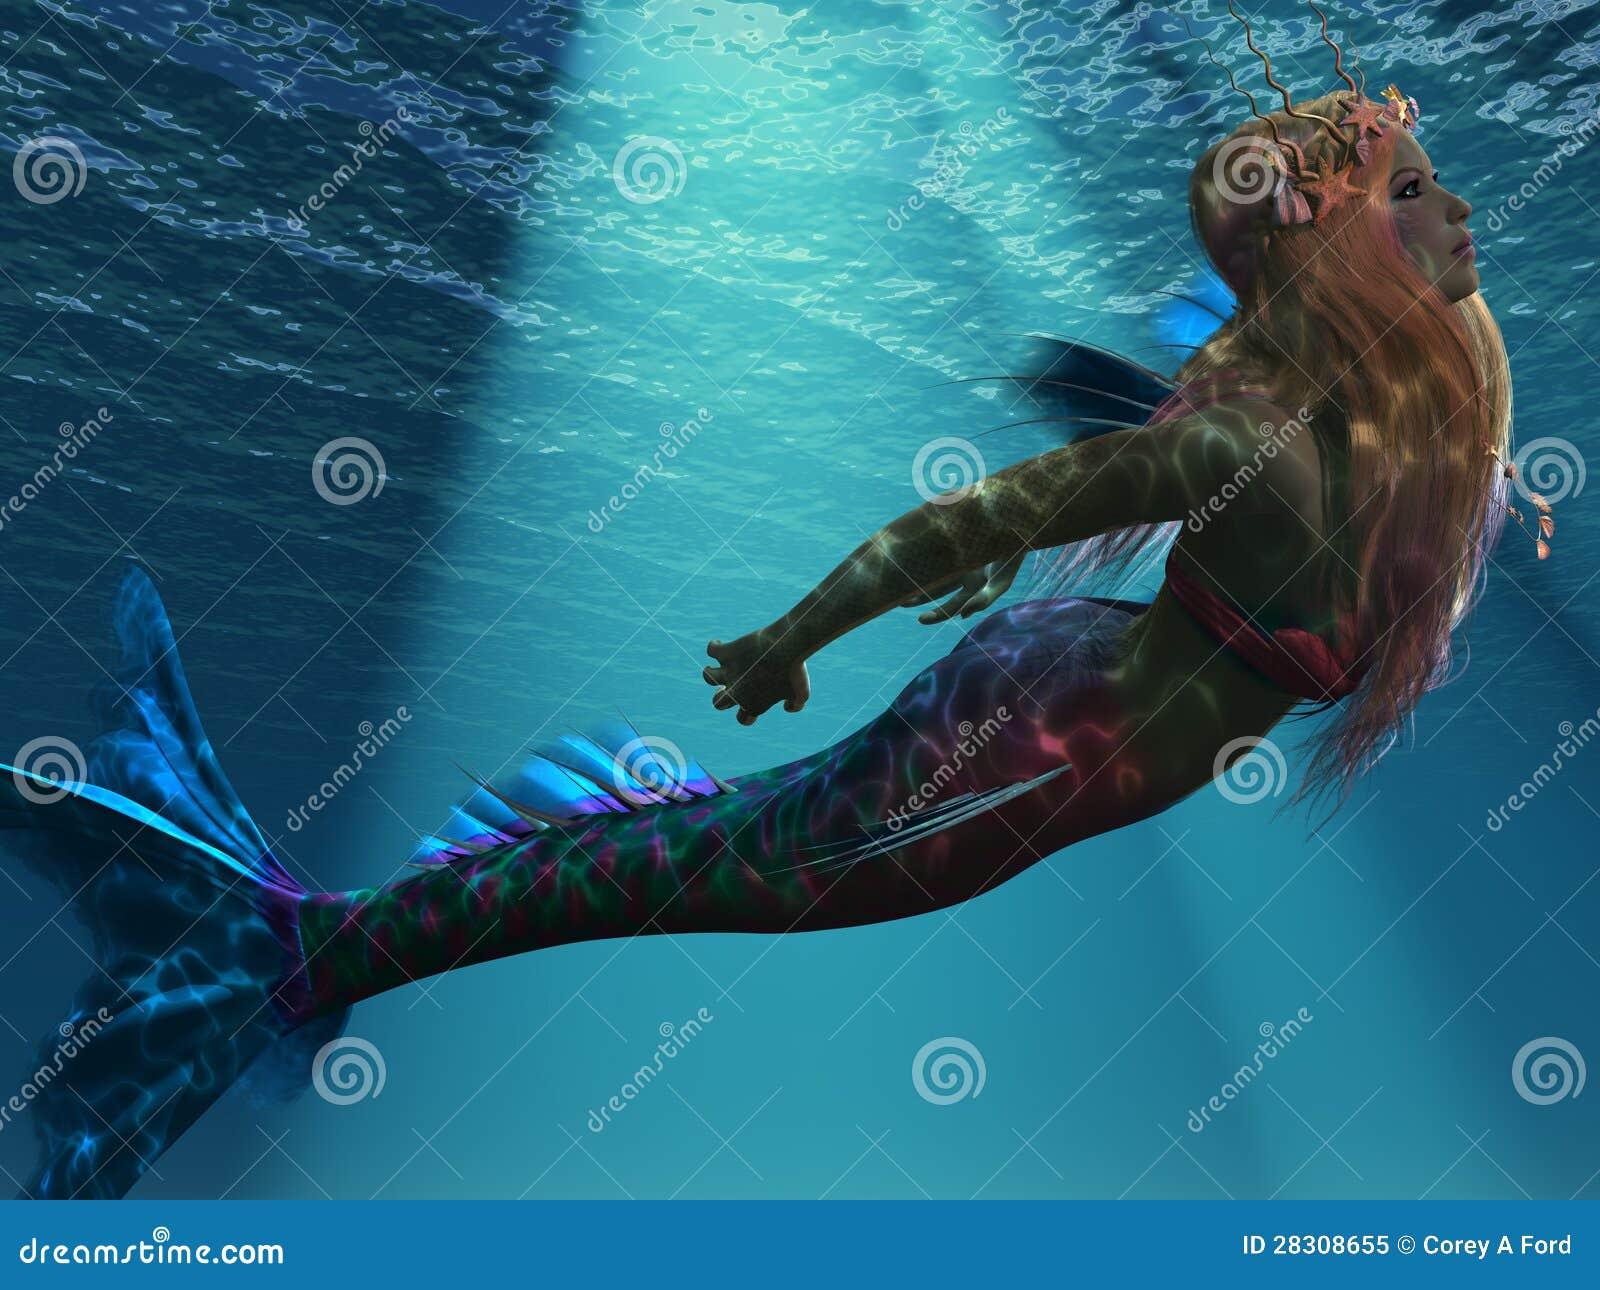 Sir ne de la mer photo libre de droits image 28308655 - Image de sirene h2o ...